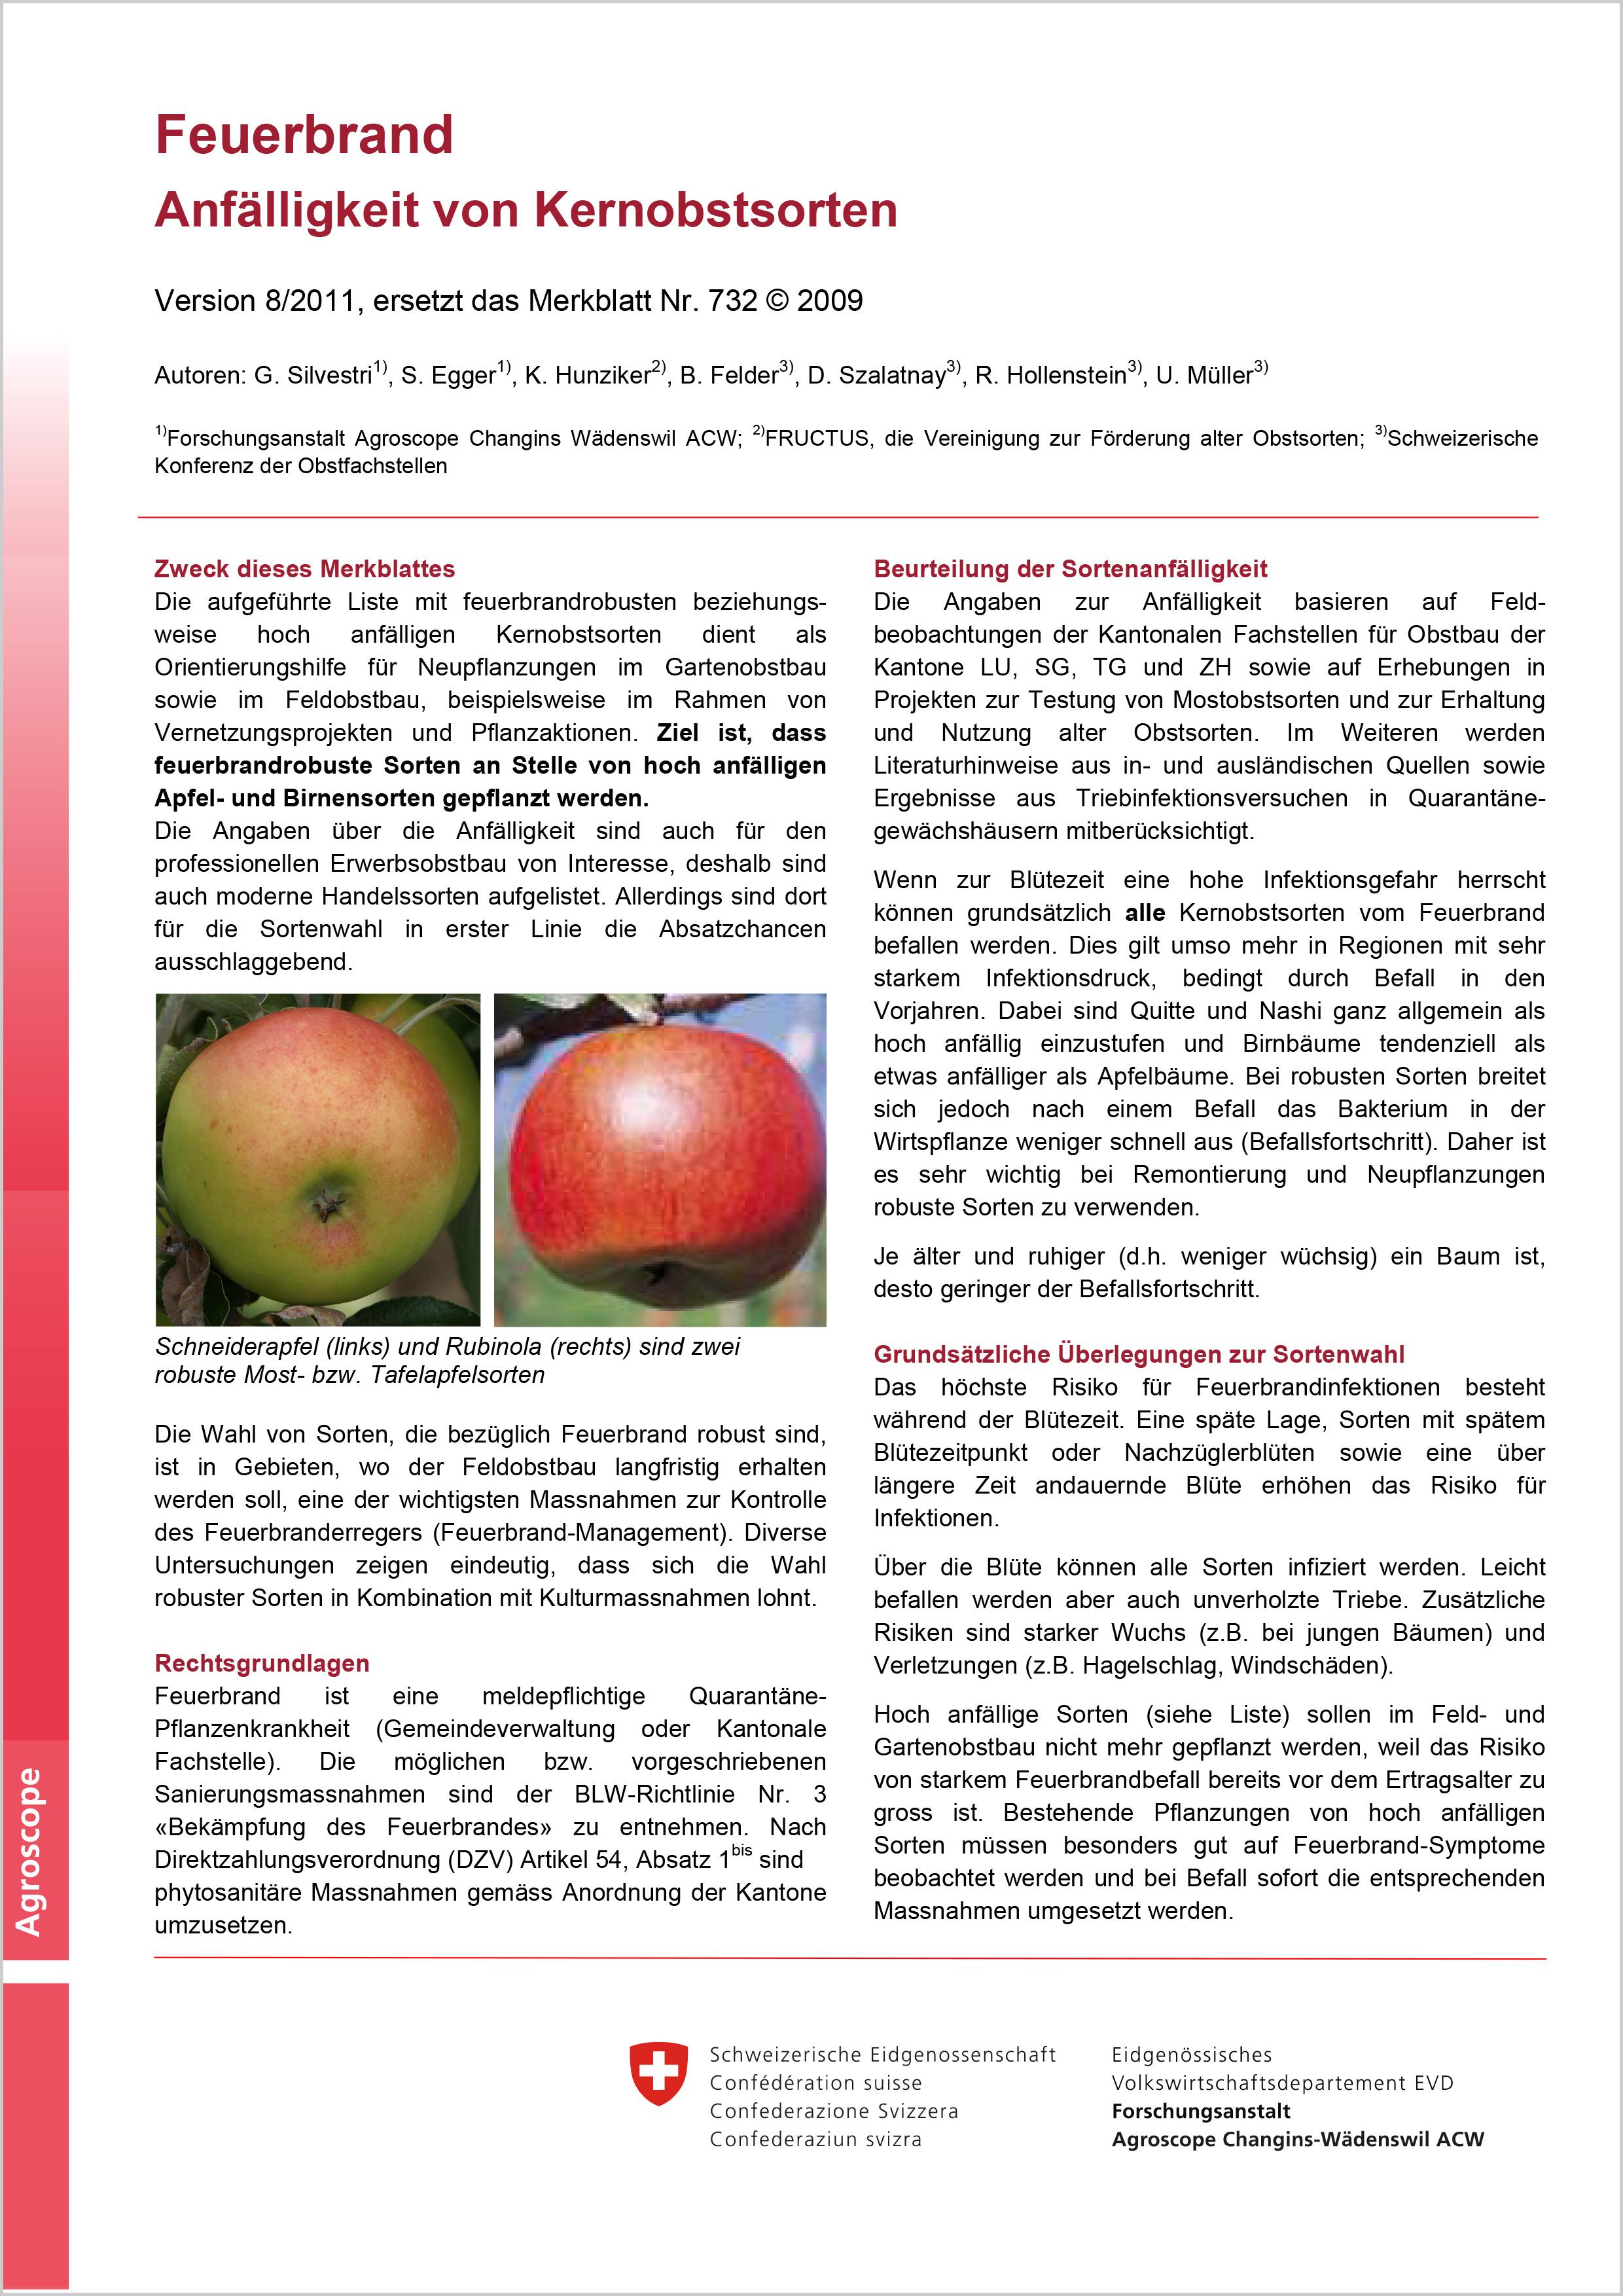 Feuerbrand-Anfälligkeit von Kernobstsorten (Agroscope, 2011)